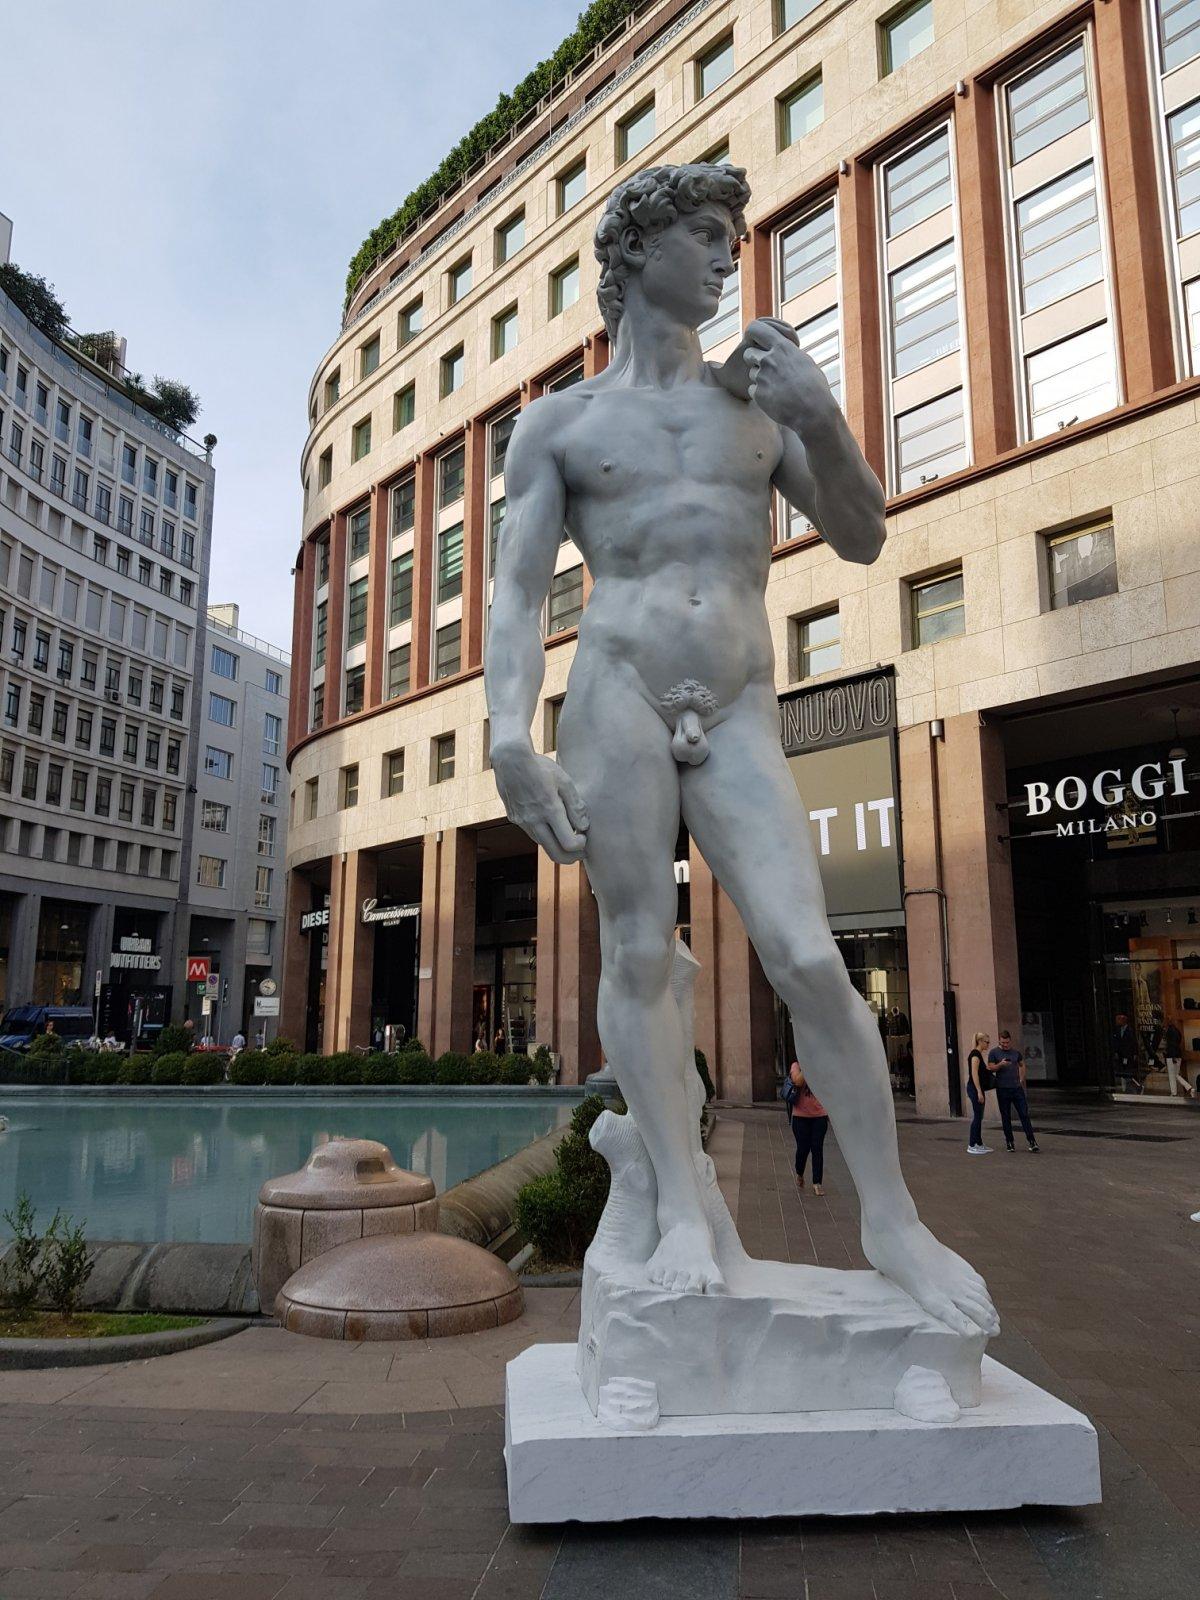 Sky porta il David in piazza a Milano, in attesa di Michelan